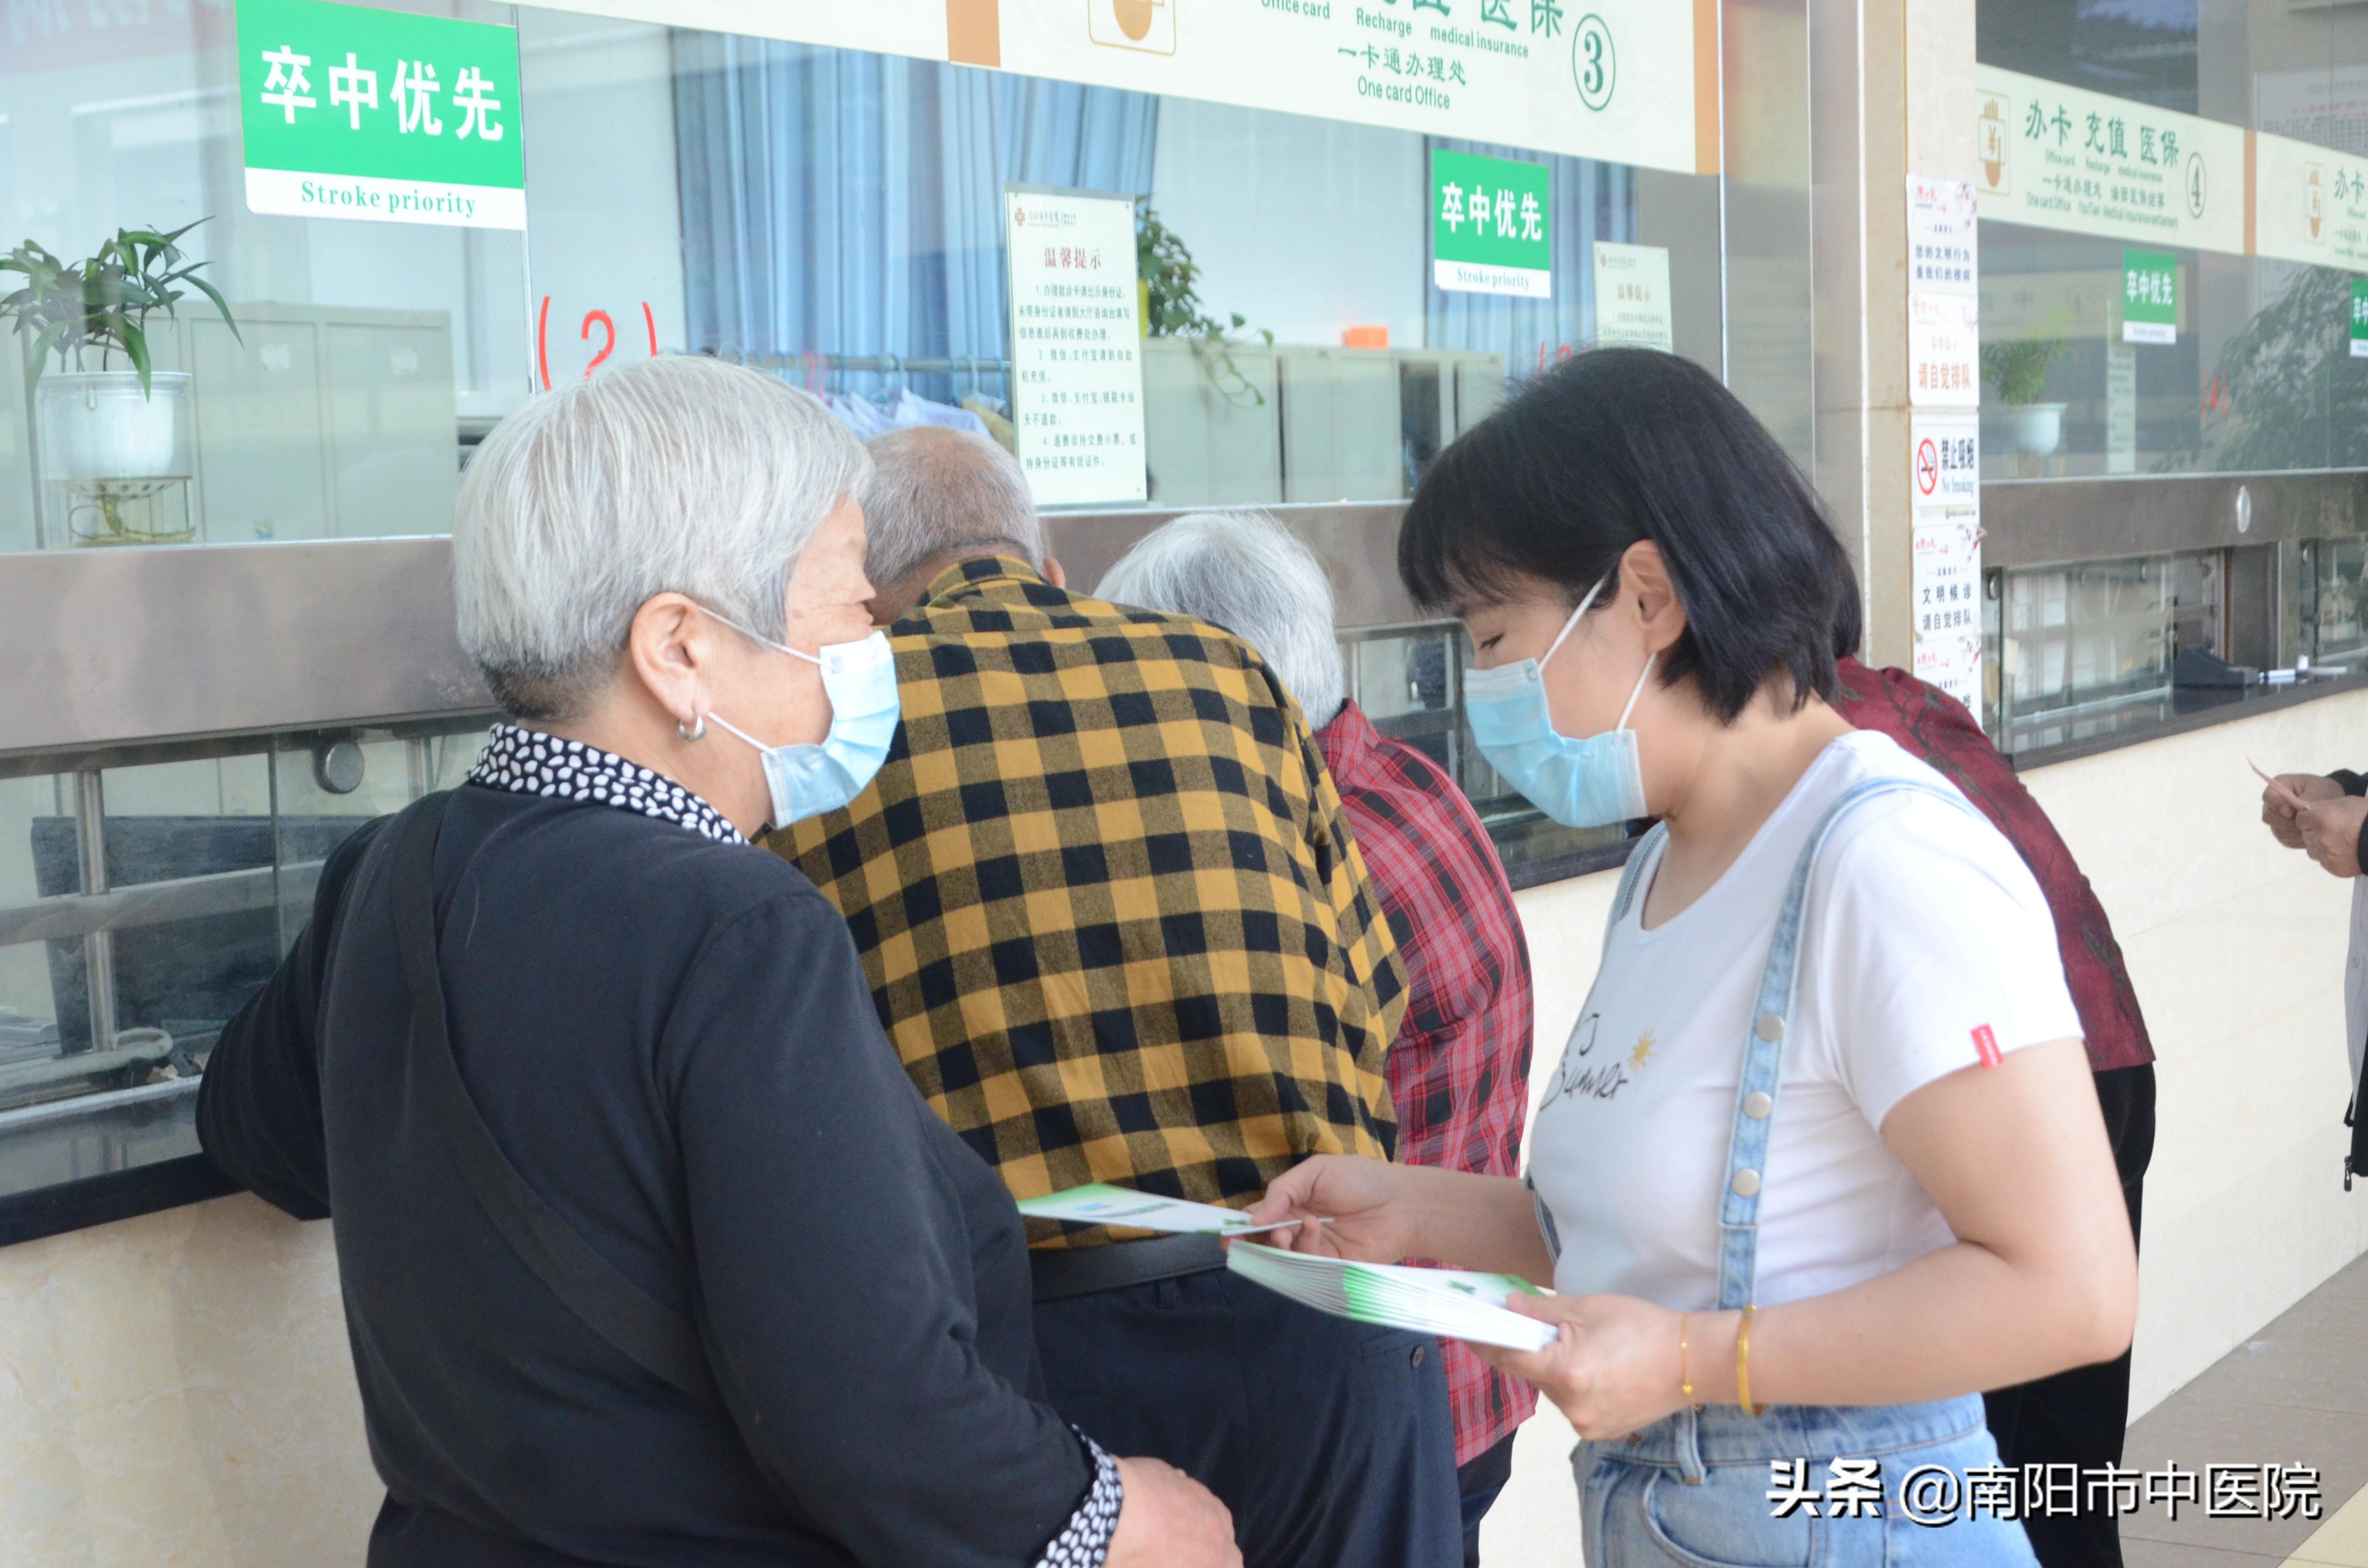 南阳市医疗保障局到南阳市中医院开展医保政策宣讲活动